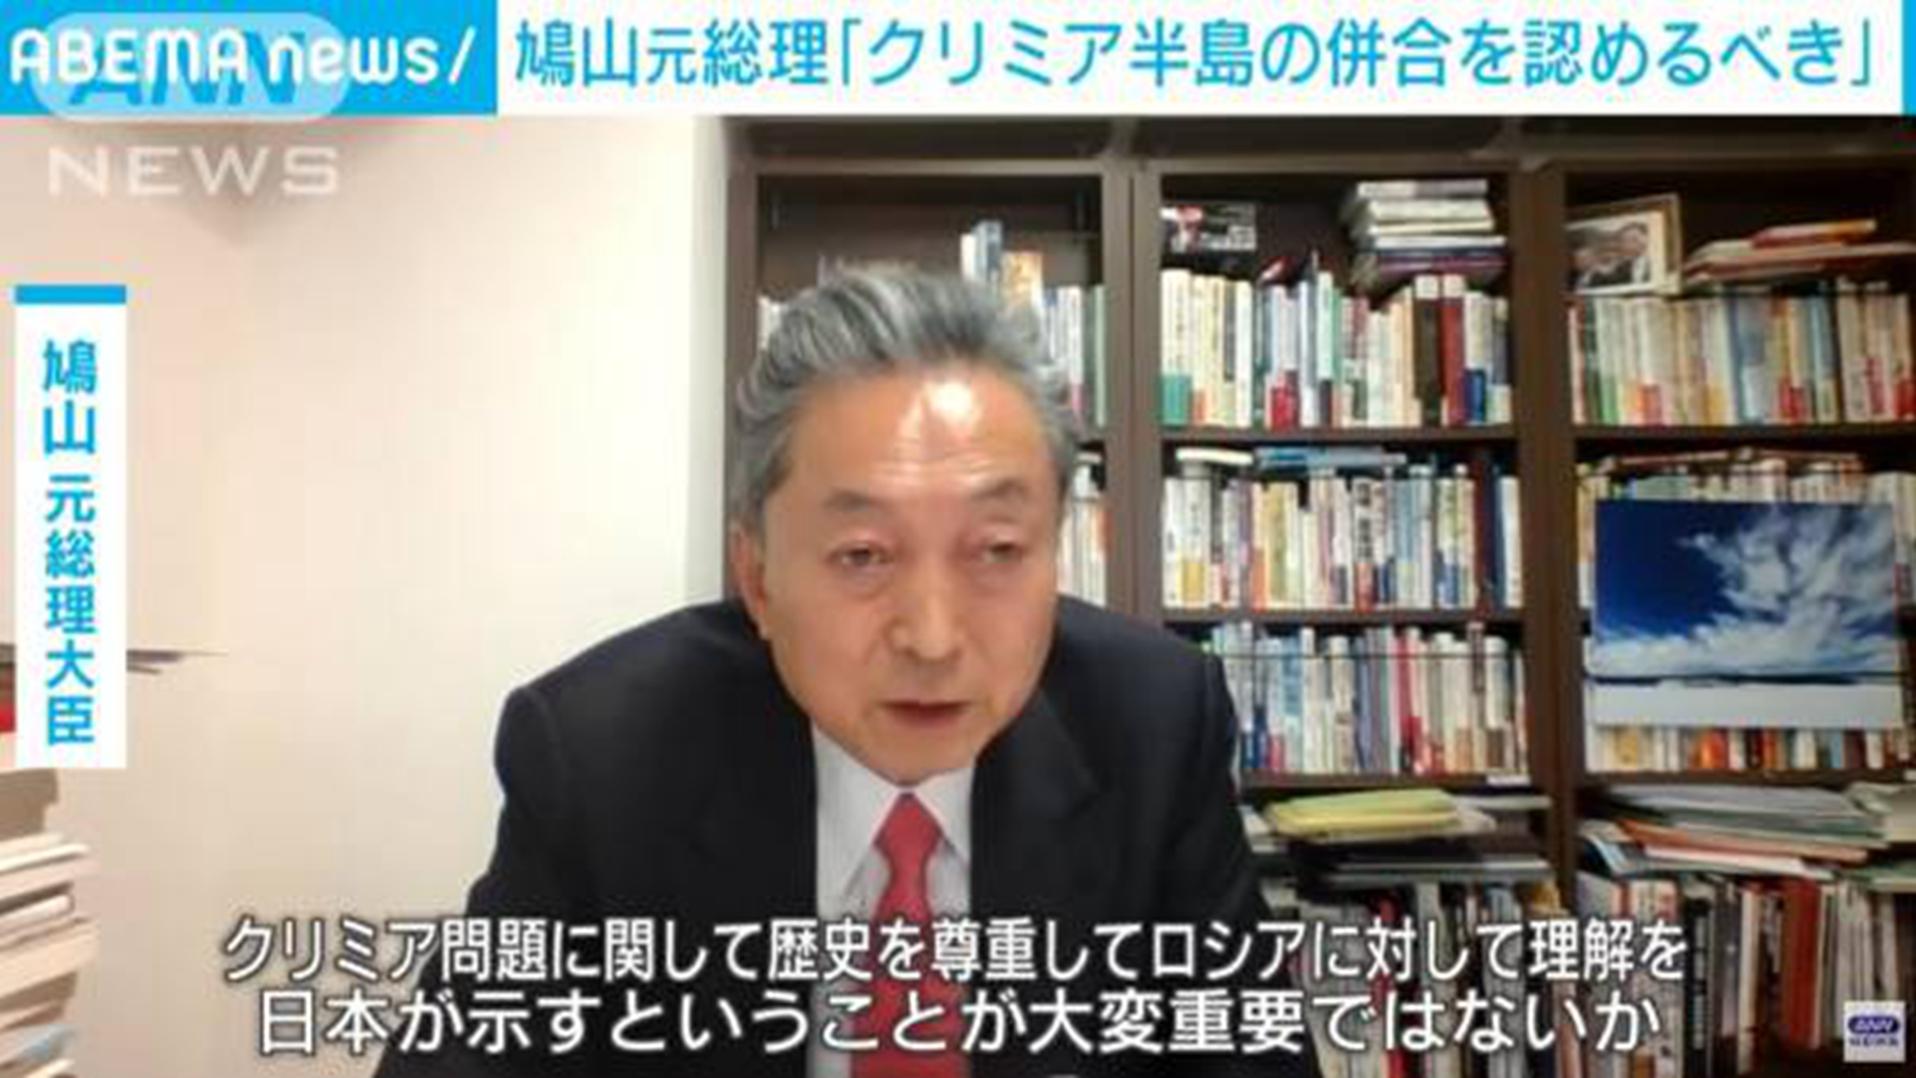 有人敢说真话了,日本前首相:日本被美国控制,建议联俄抗美